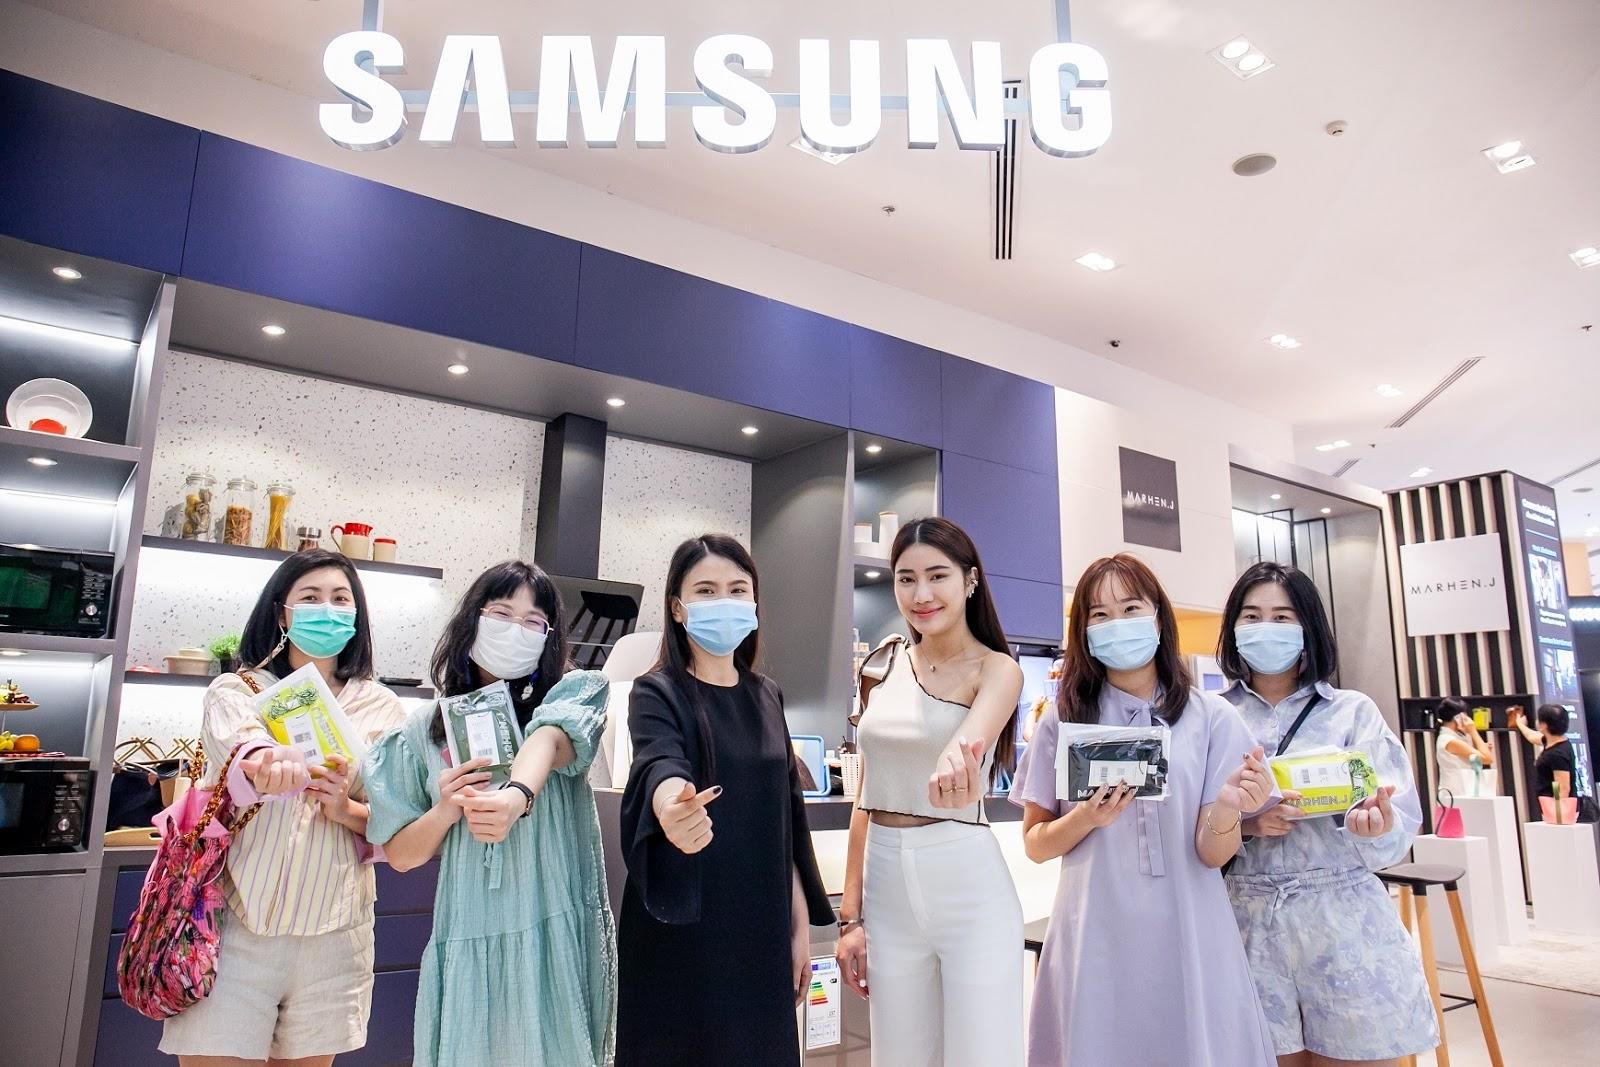 ครั้งแรกของแบรนด์เครื่องใช้ไฟฟ้า! Samsung เอาใจเหล่า Gen Z จับมือ MARHEN.J กระเป๋ารักษ์โลก จัดเวิร์คช้อปแนวใหม่ใจกลาง Siam Paragon